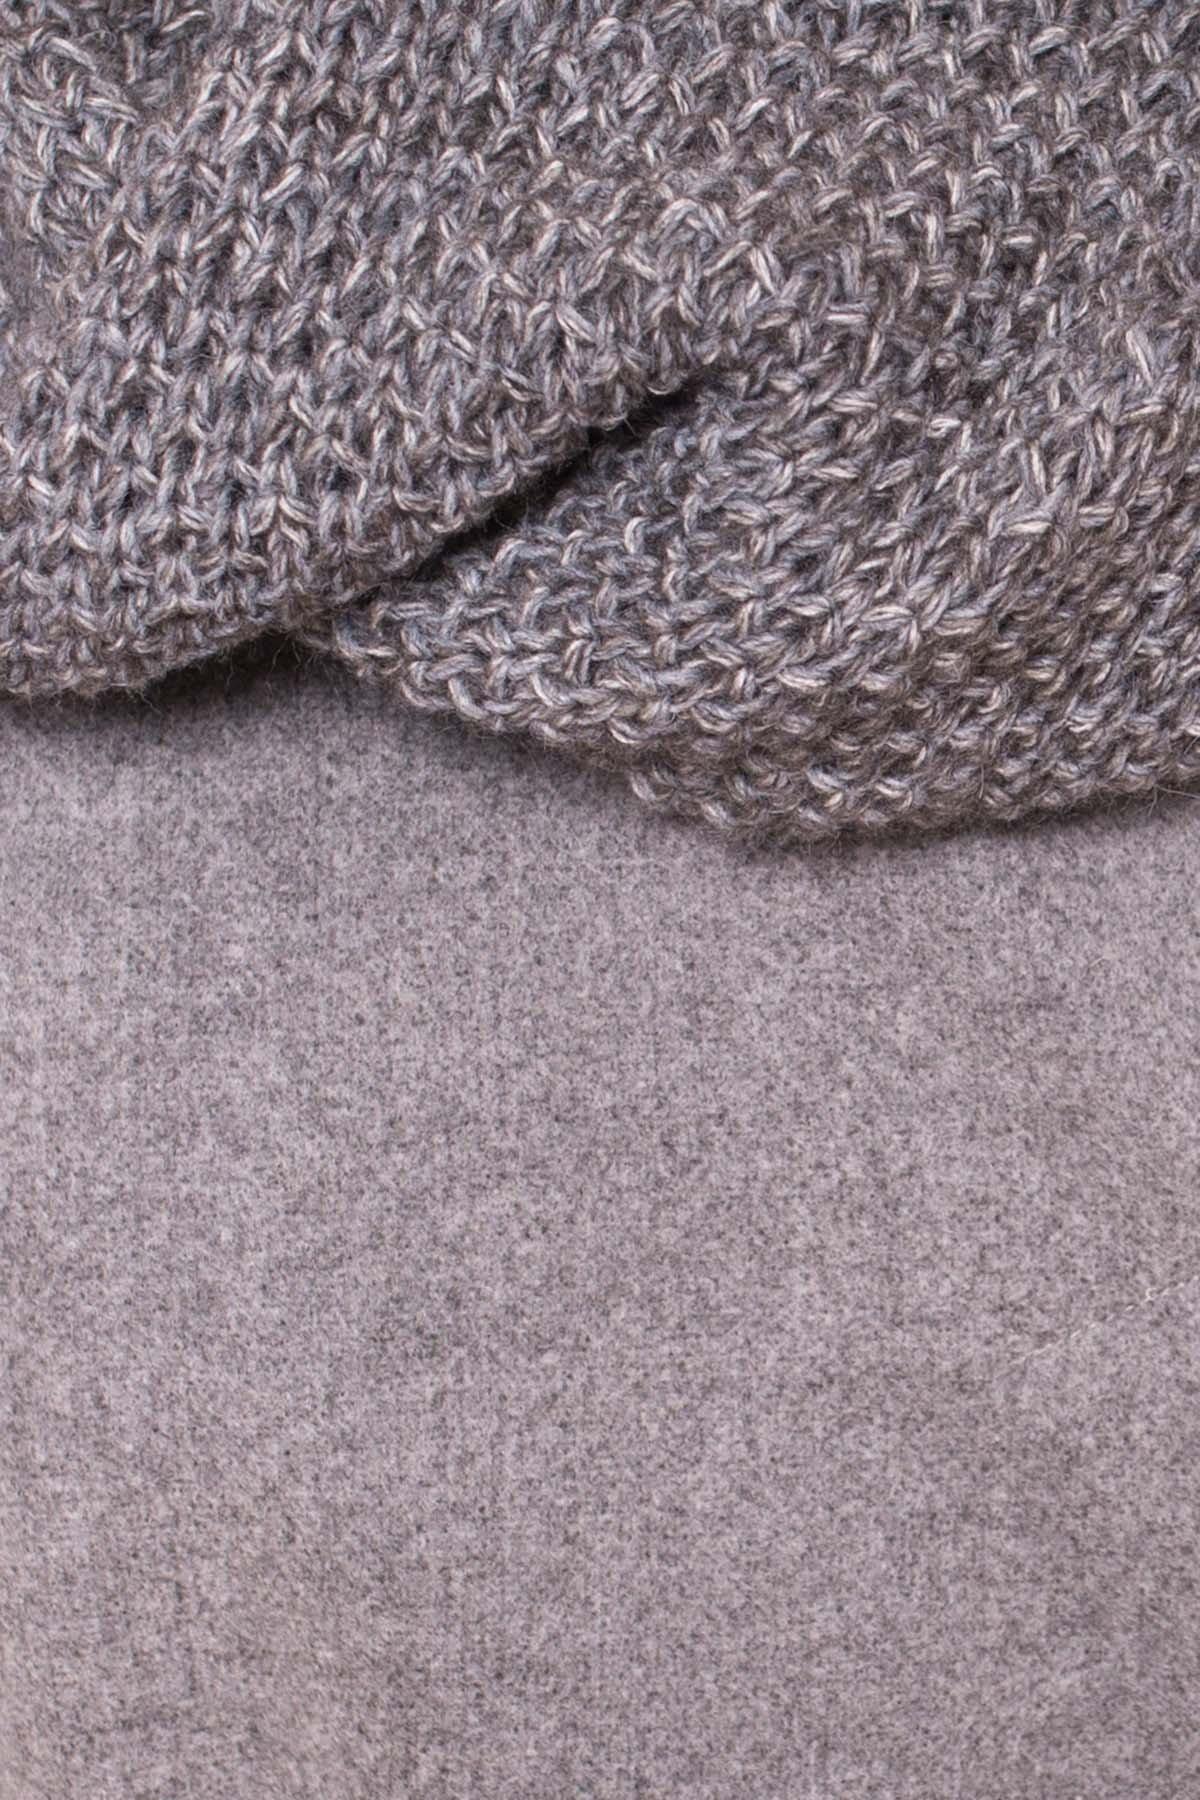 Пальто зима Богема 5707 АРТ. 38004 Цвет: Серый 18 - фото 6, интернет магазин tm-modus.ru